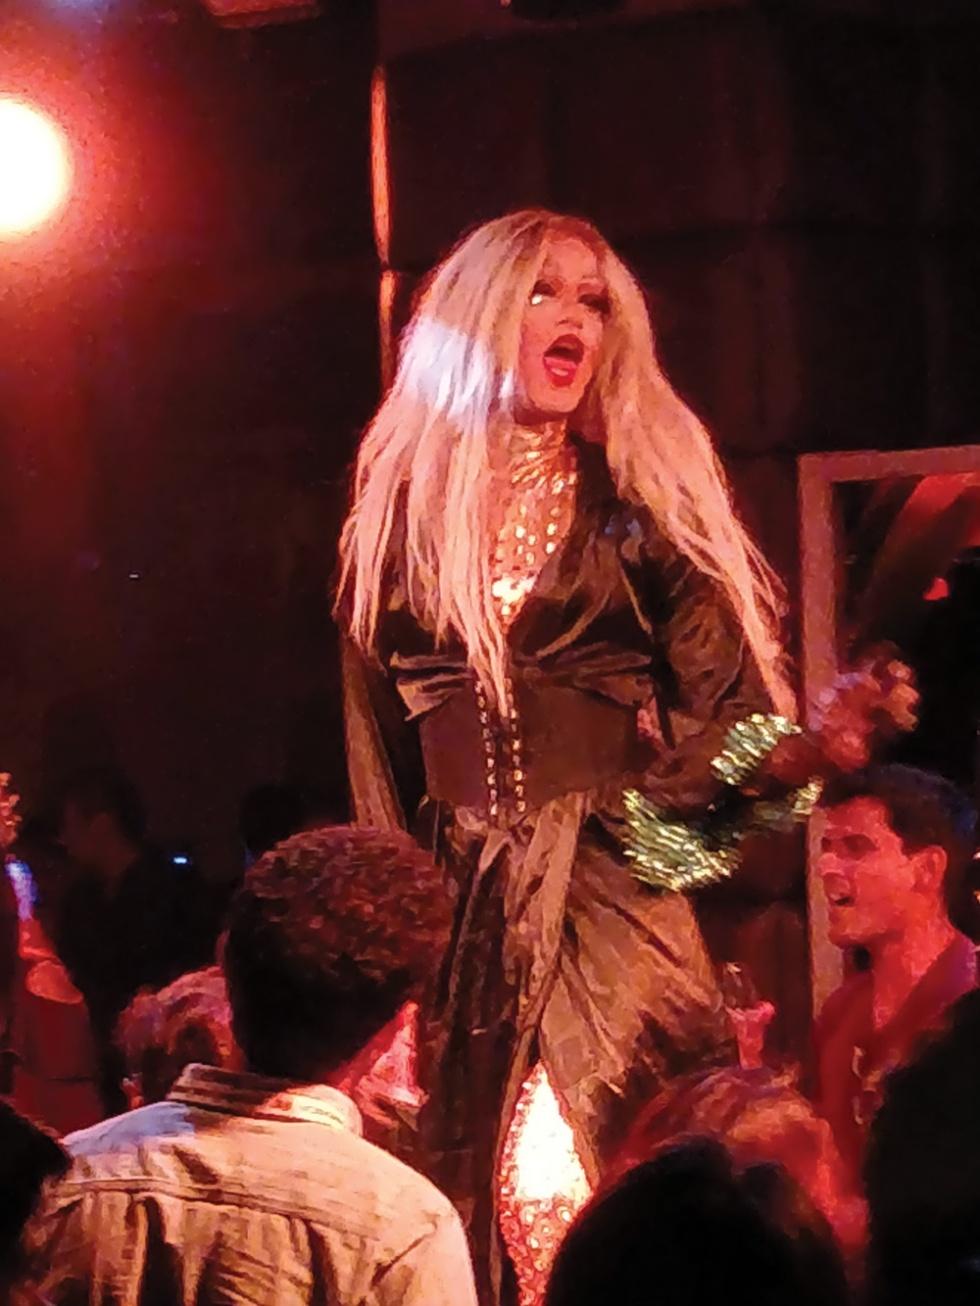 KSF-drag-queen